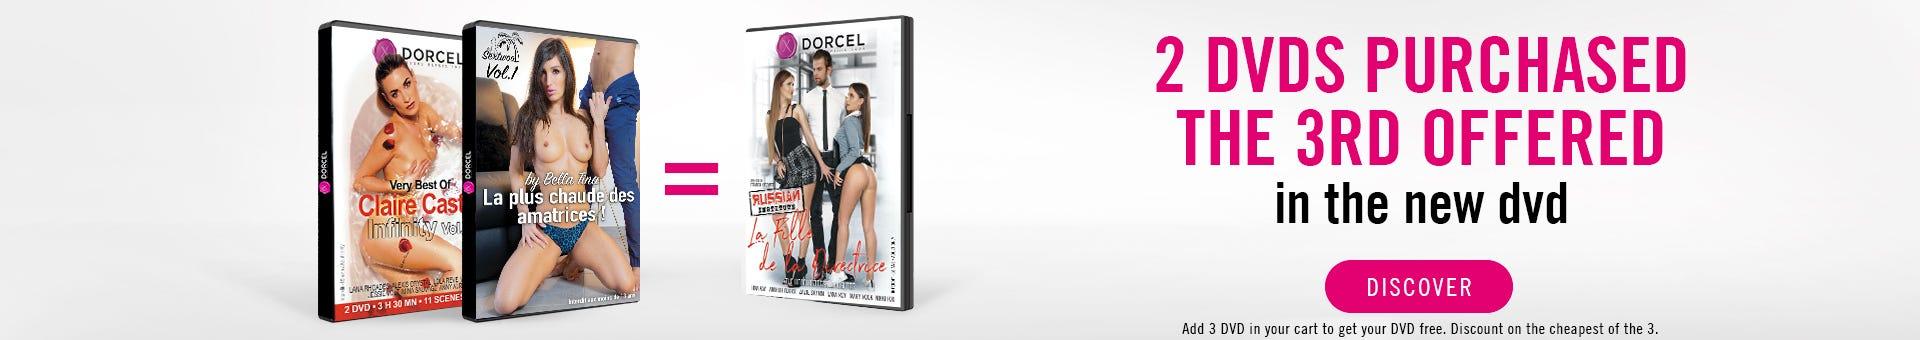 New DVD offer